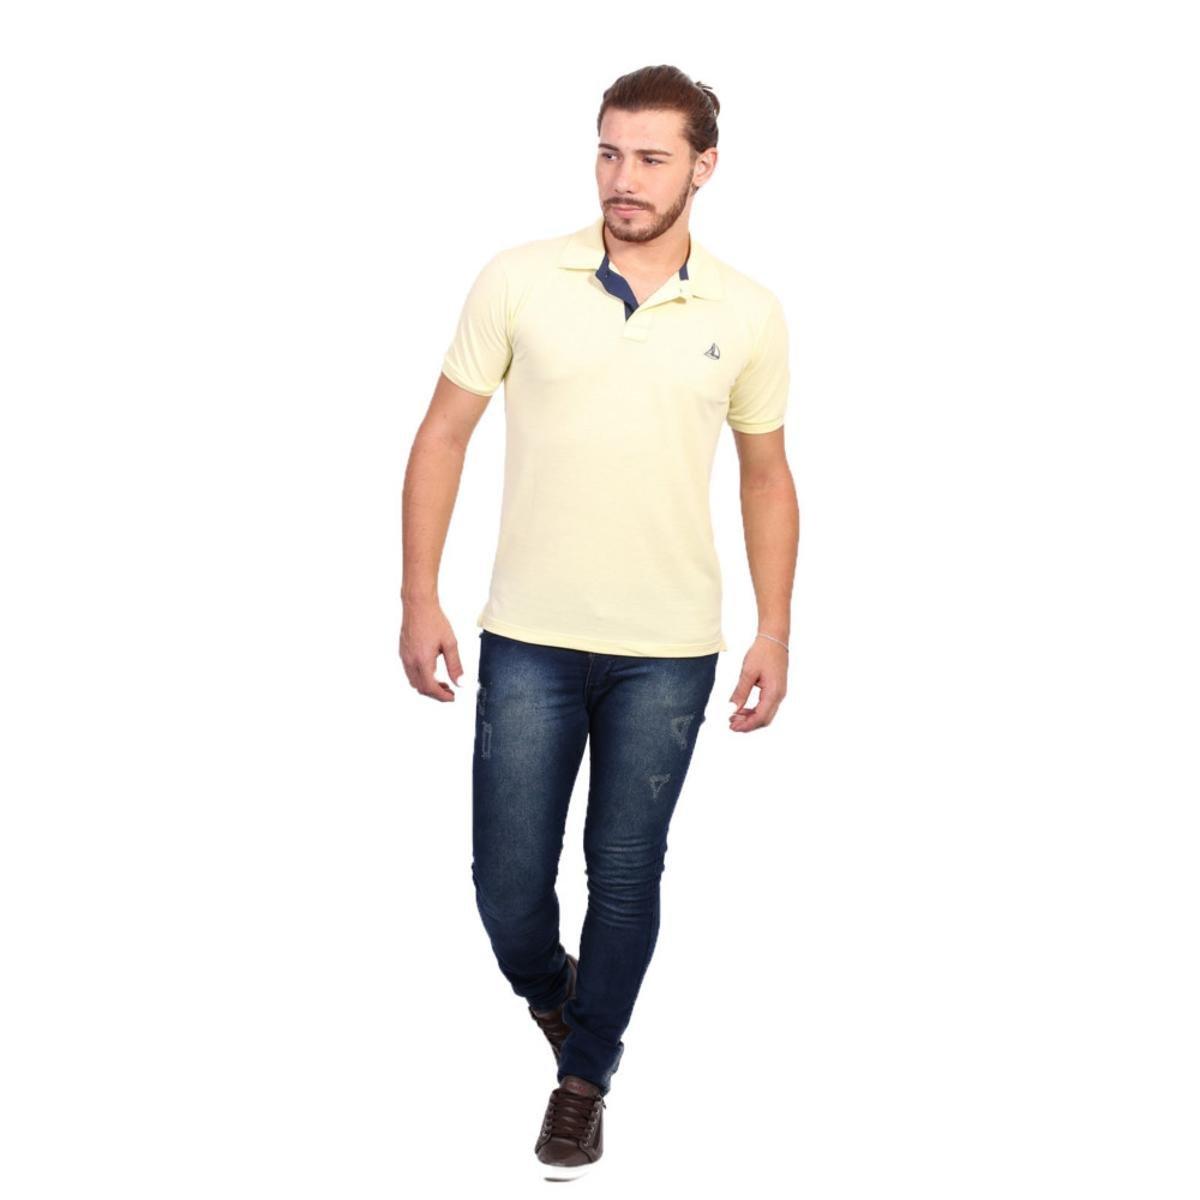 Camisa Polo Clube Náutico Slim - Compre Agora  aee5166ca994e